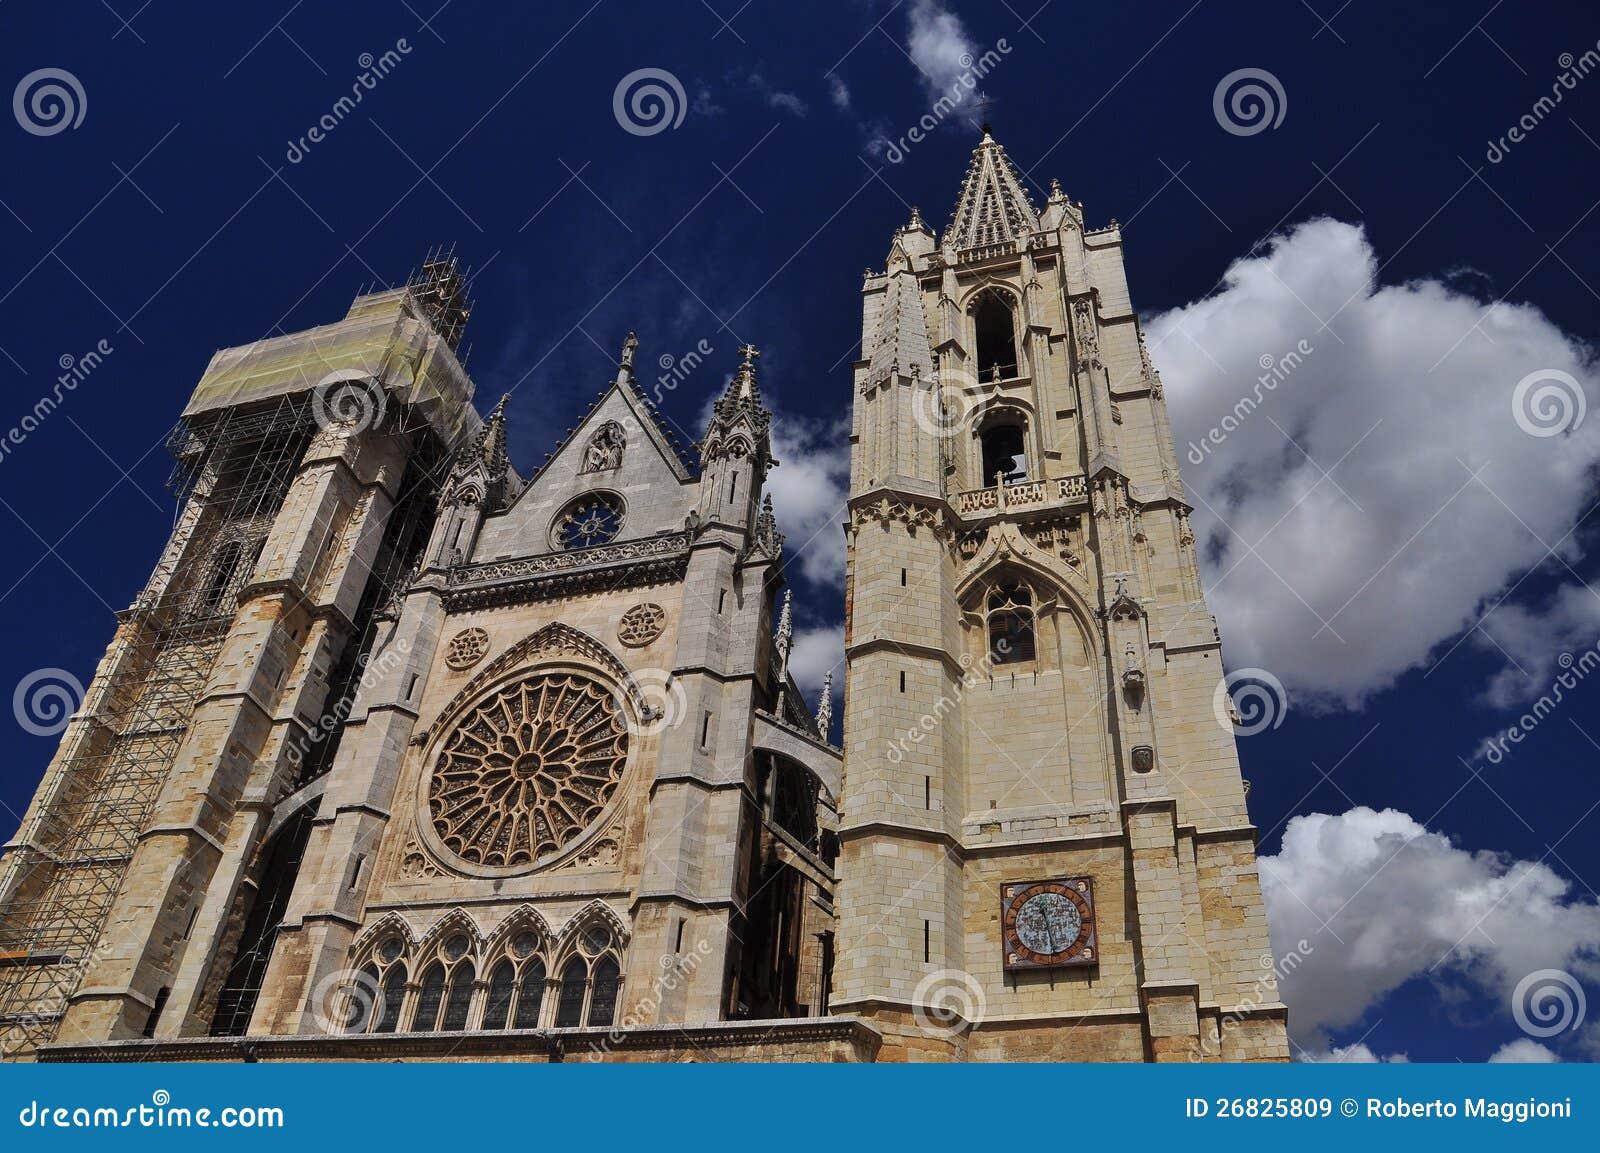 Leon, Spagna. Cattedrale gotica